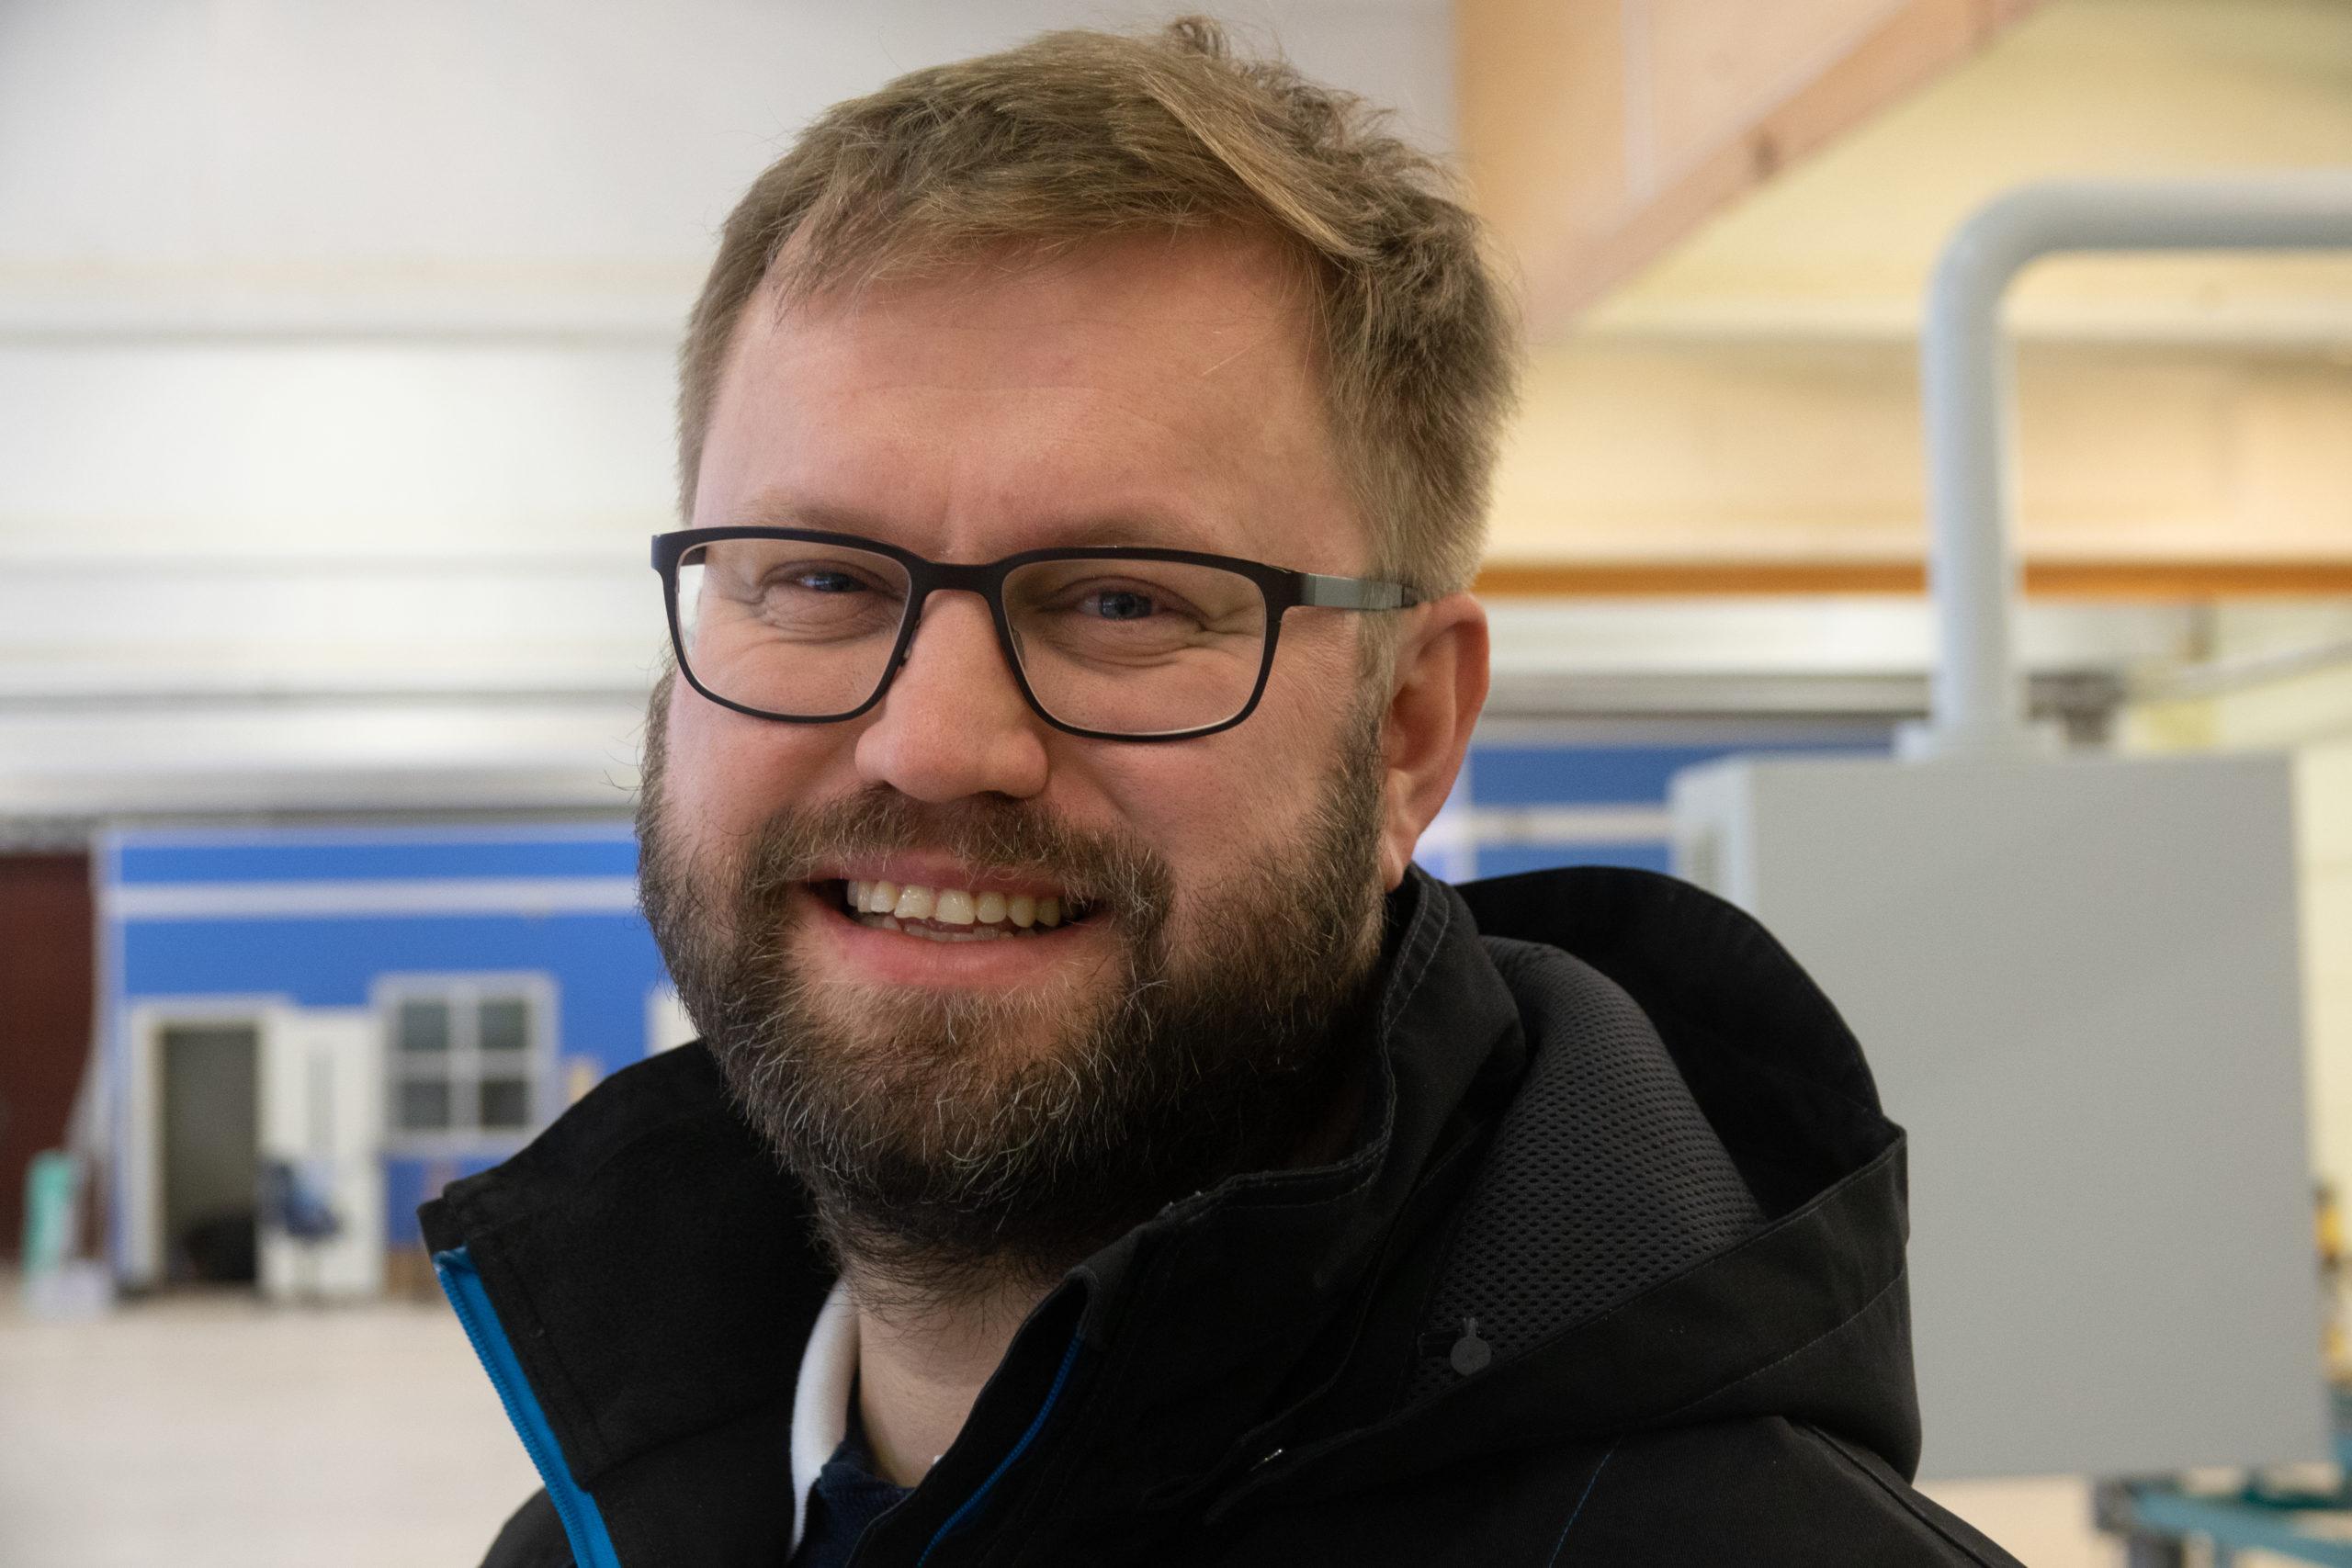 Carl Christian Strømberg